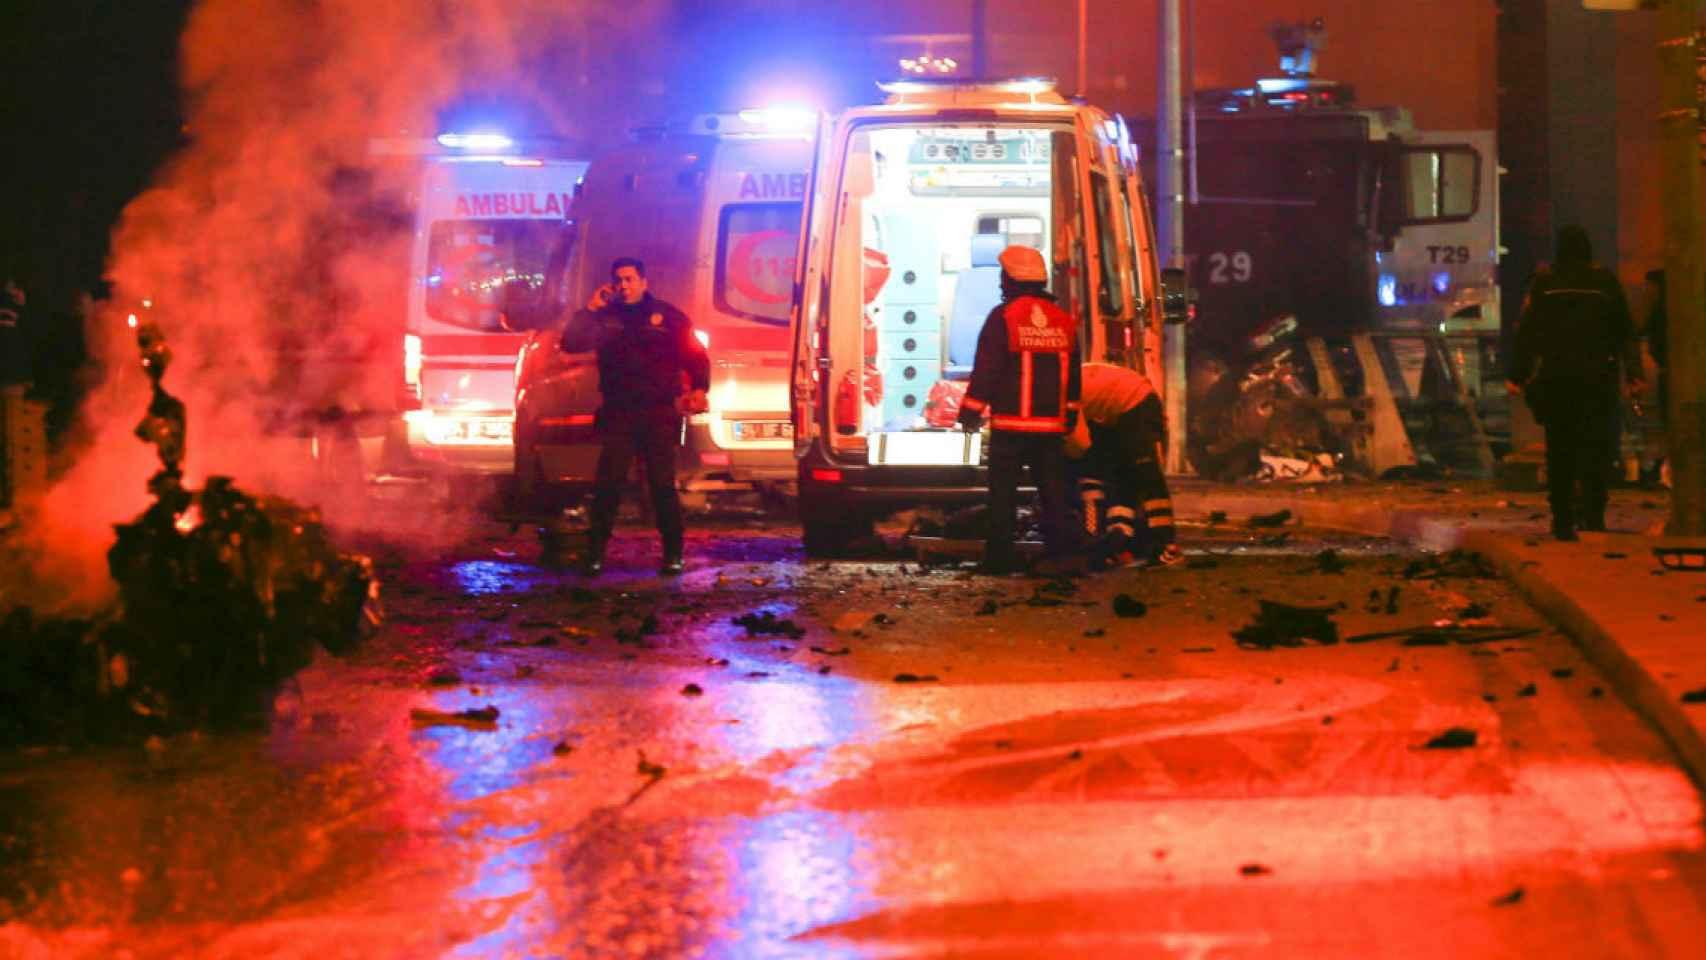 Las fuerzas de seguridad acuden a inspeccionar los restos de uno de los vehículos que explotaron.